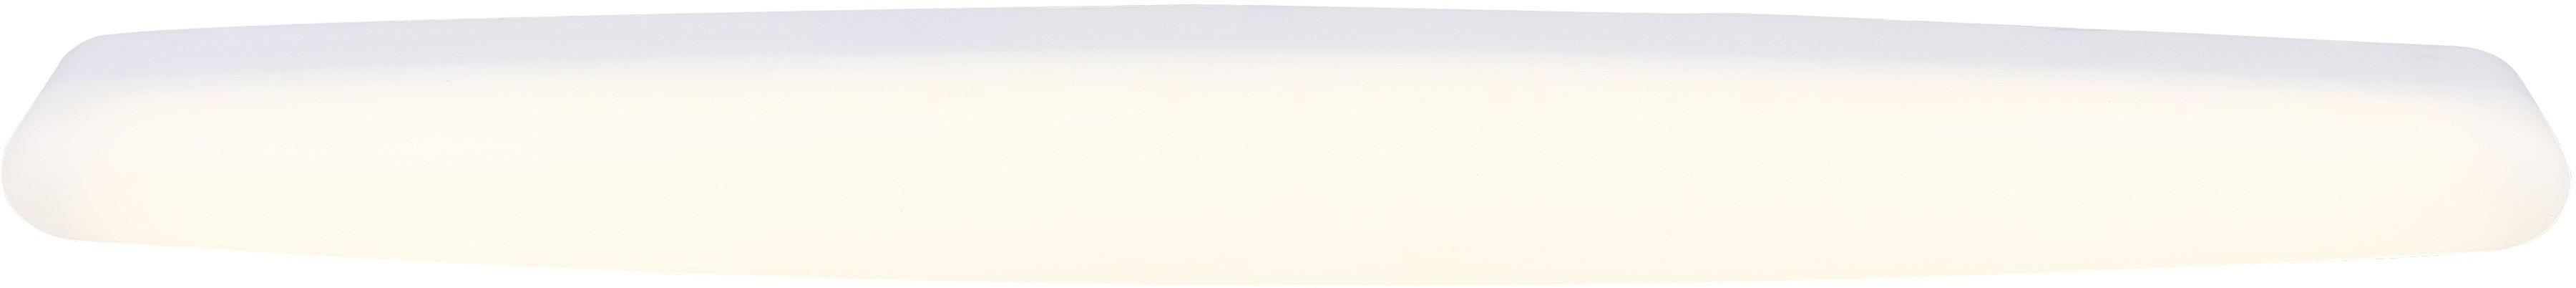 Candellux LENA 21-69788 kinkiet lampa ścienna biała akryl 10W LED 4000K 59cm